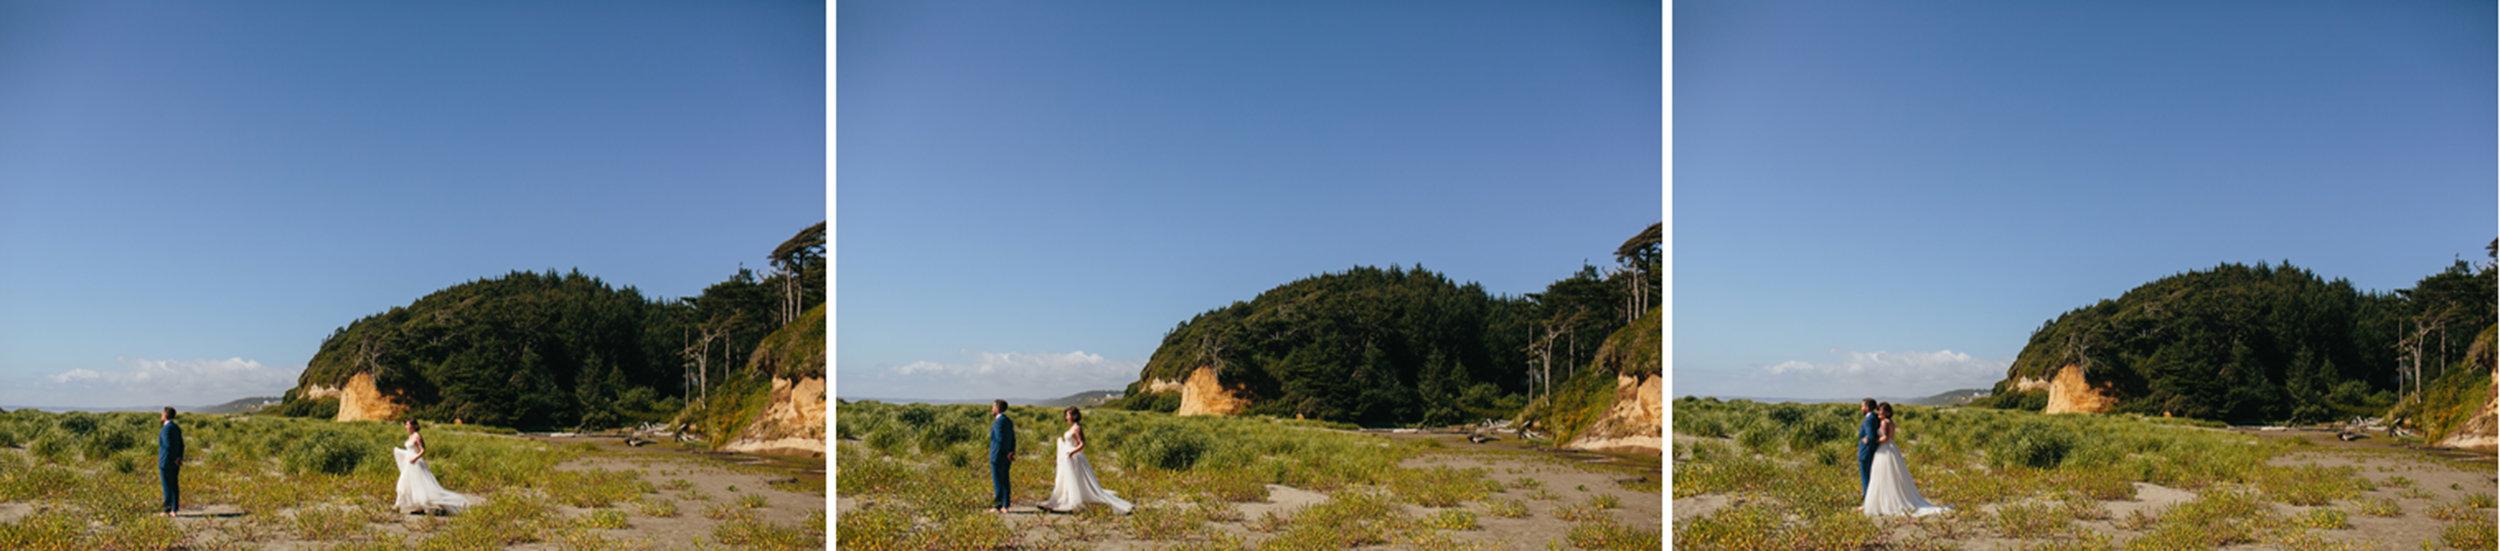 Washington_WeddingPhotographer_022.jpg